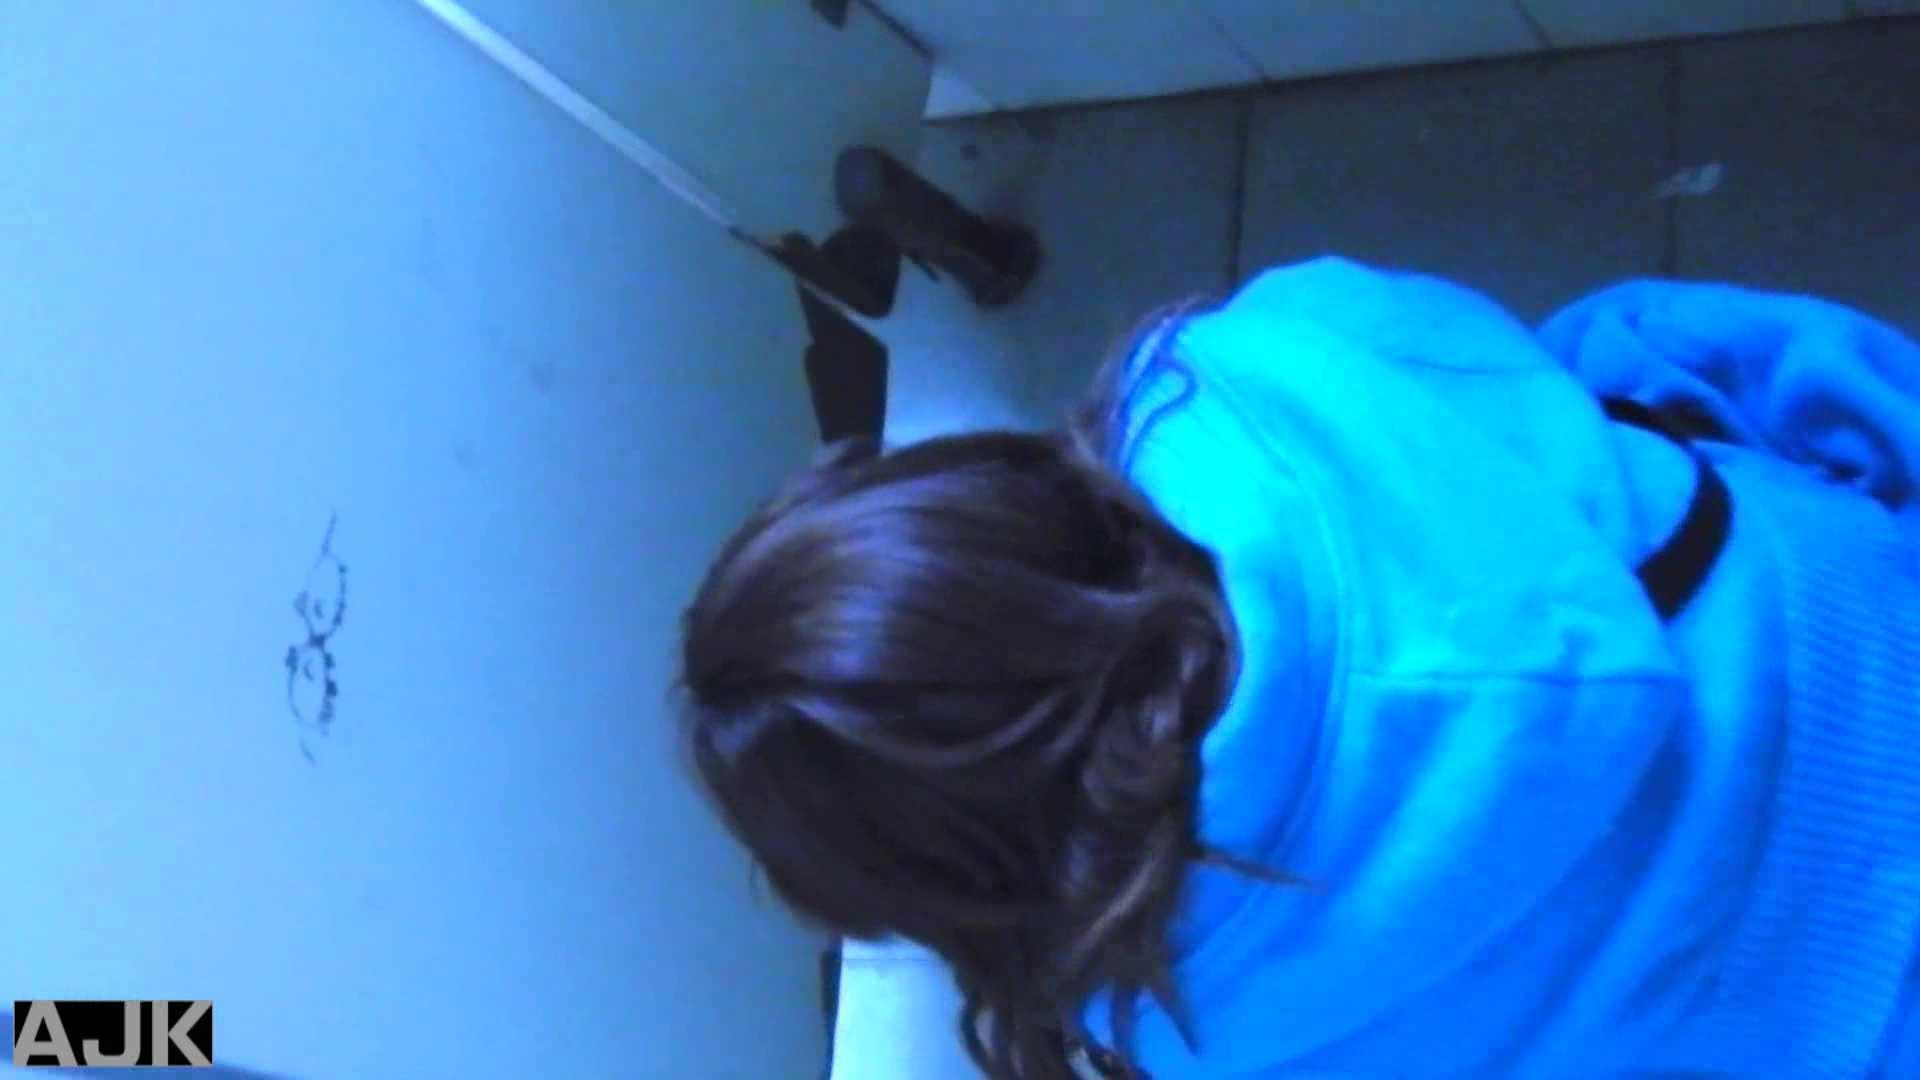 隣国上階級エリアの令嬢たちが集うデパートお手洗い Vol.12 OL女体   お手洗い  87連発 27